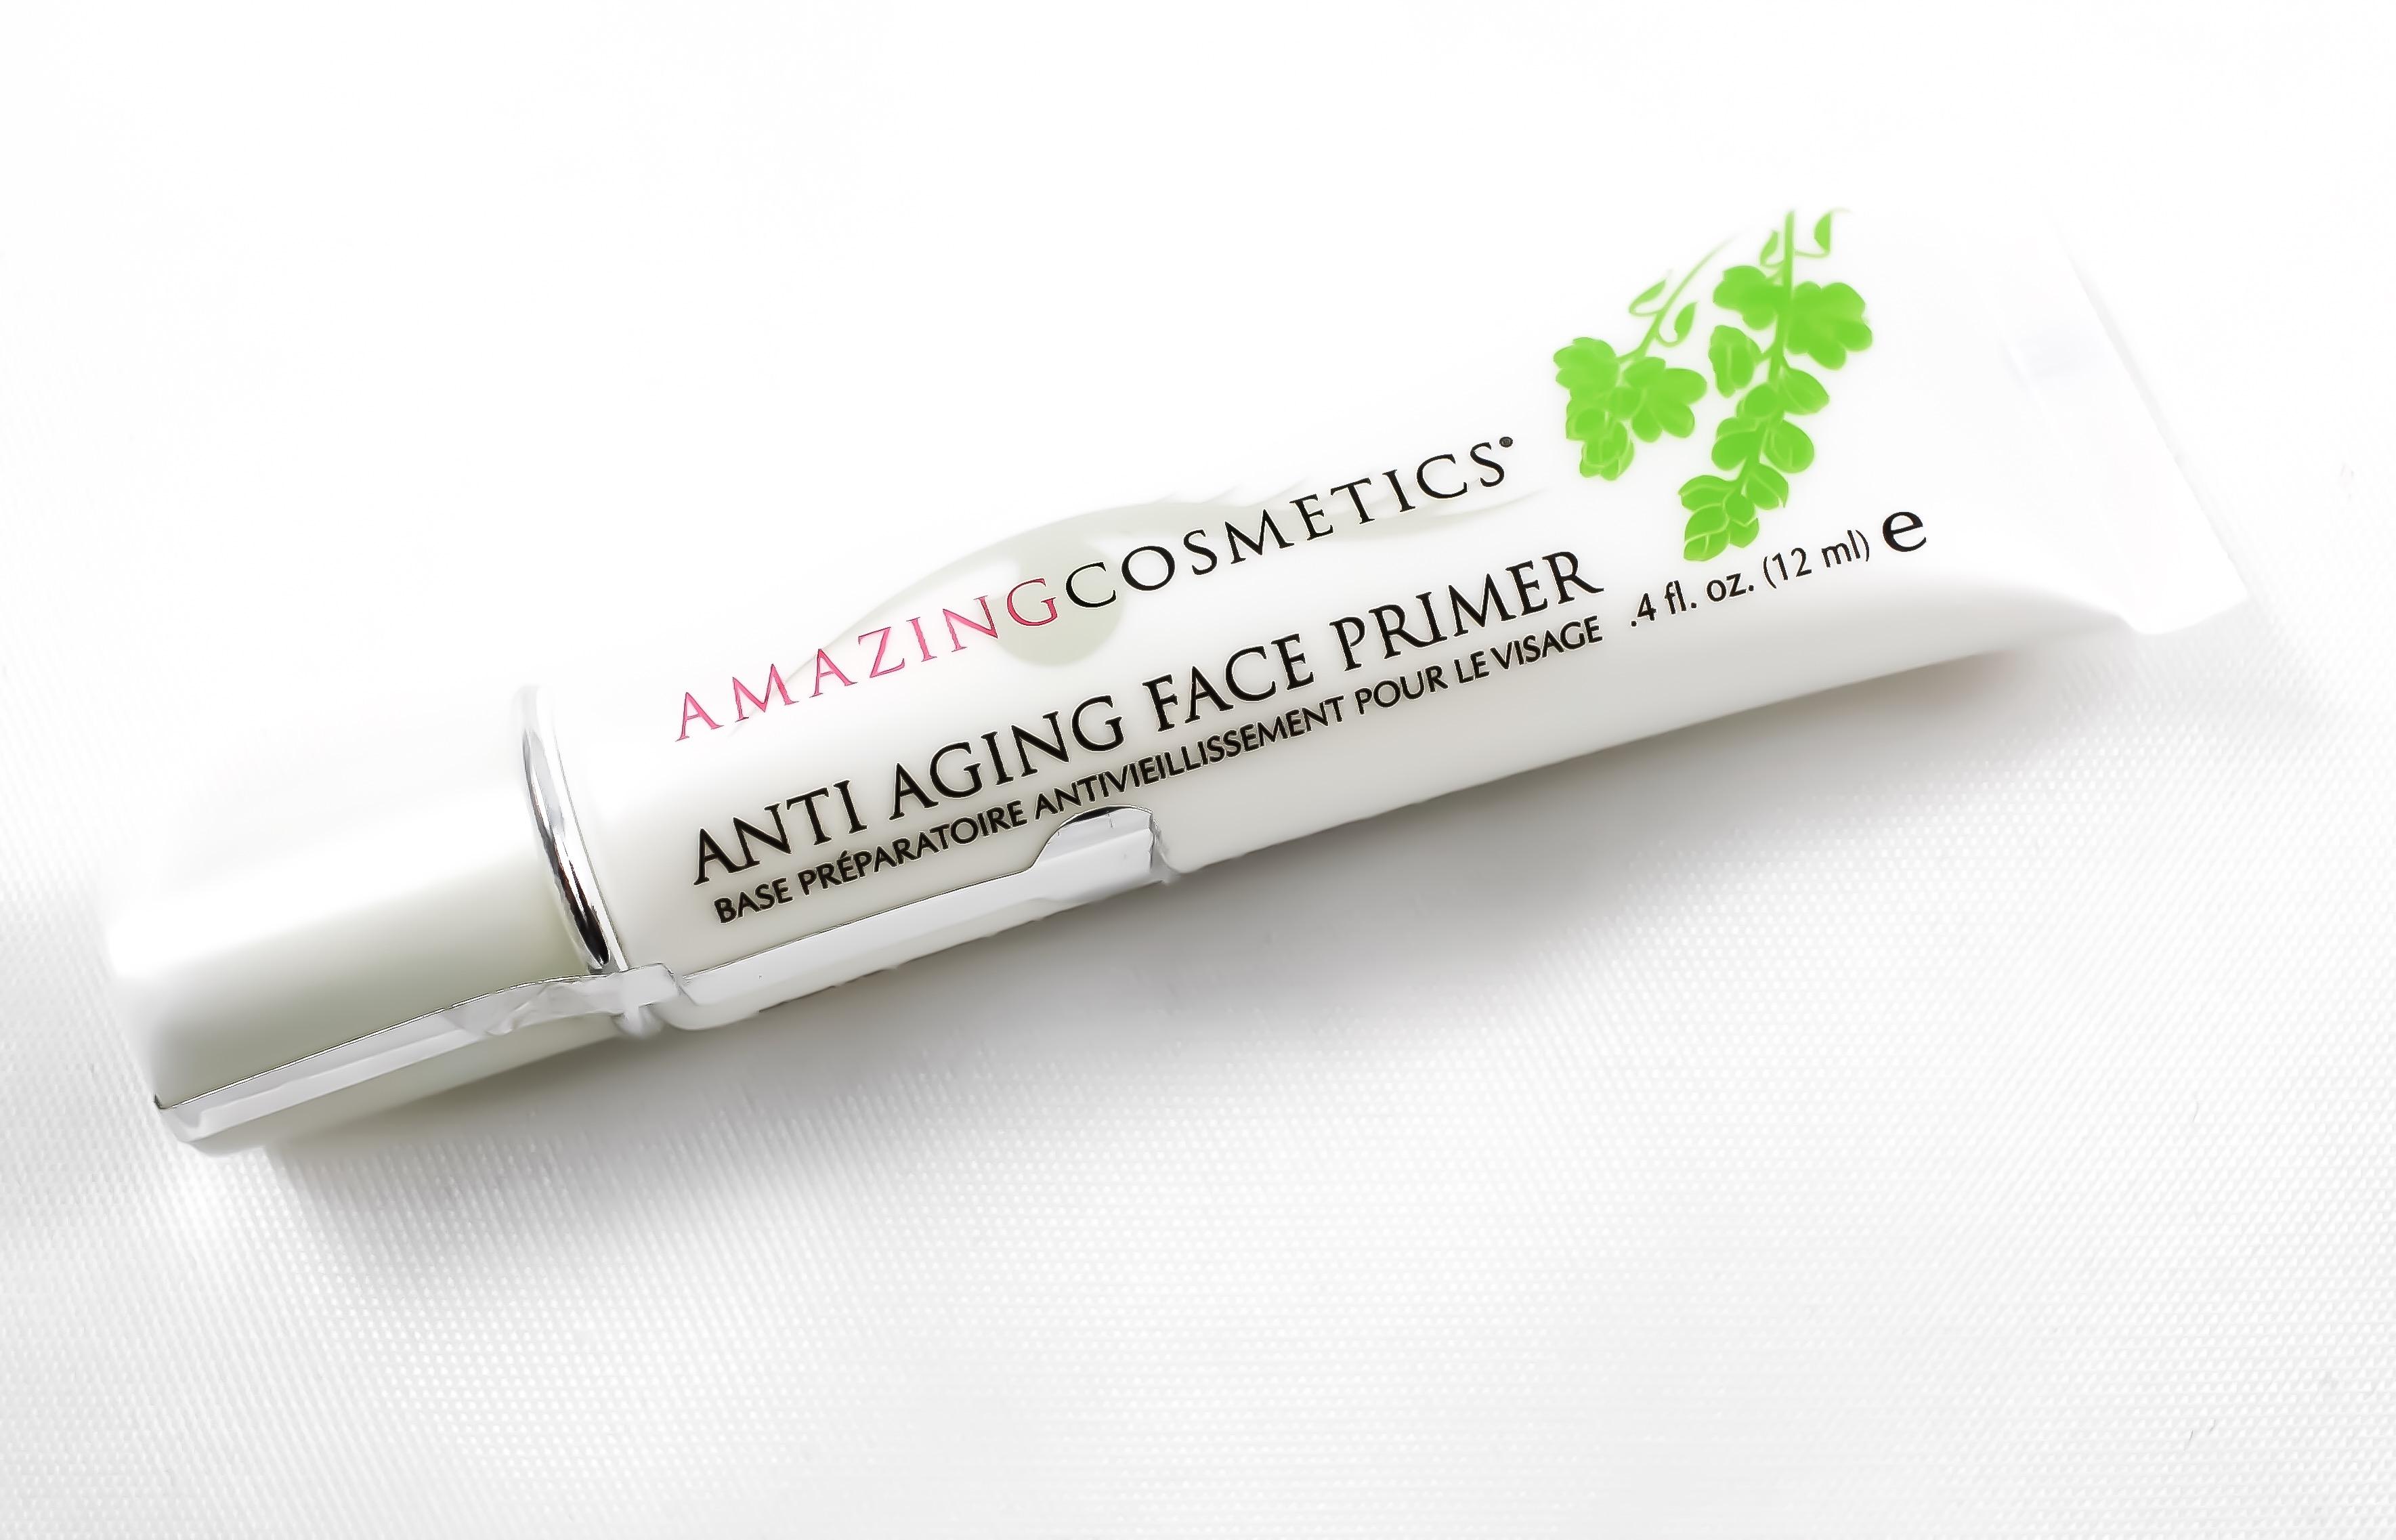 Amazing Cosmetics Anti Aging Face Primer